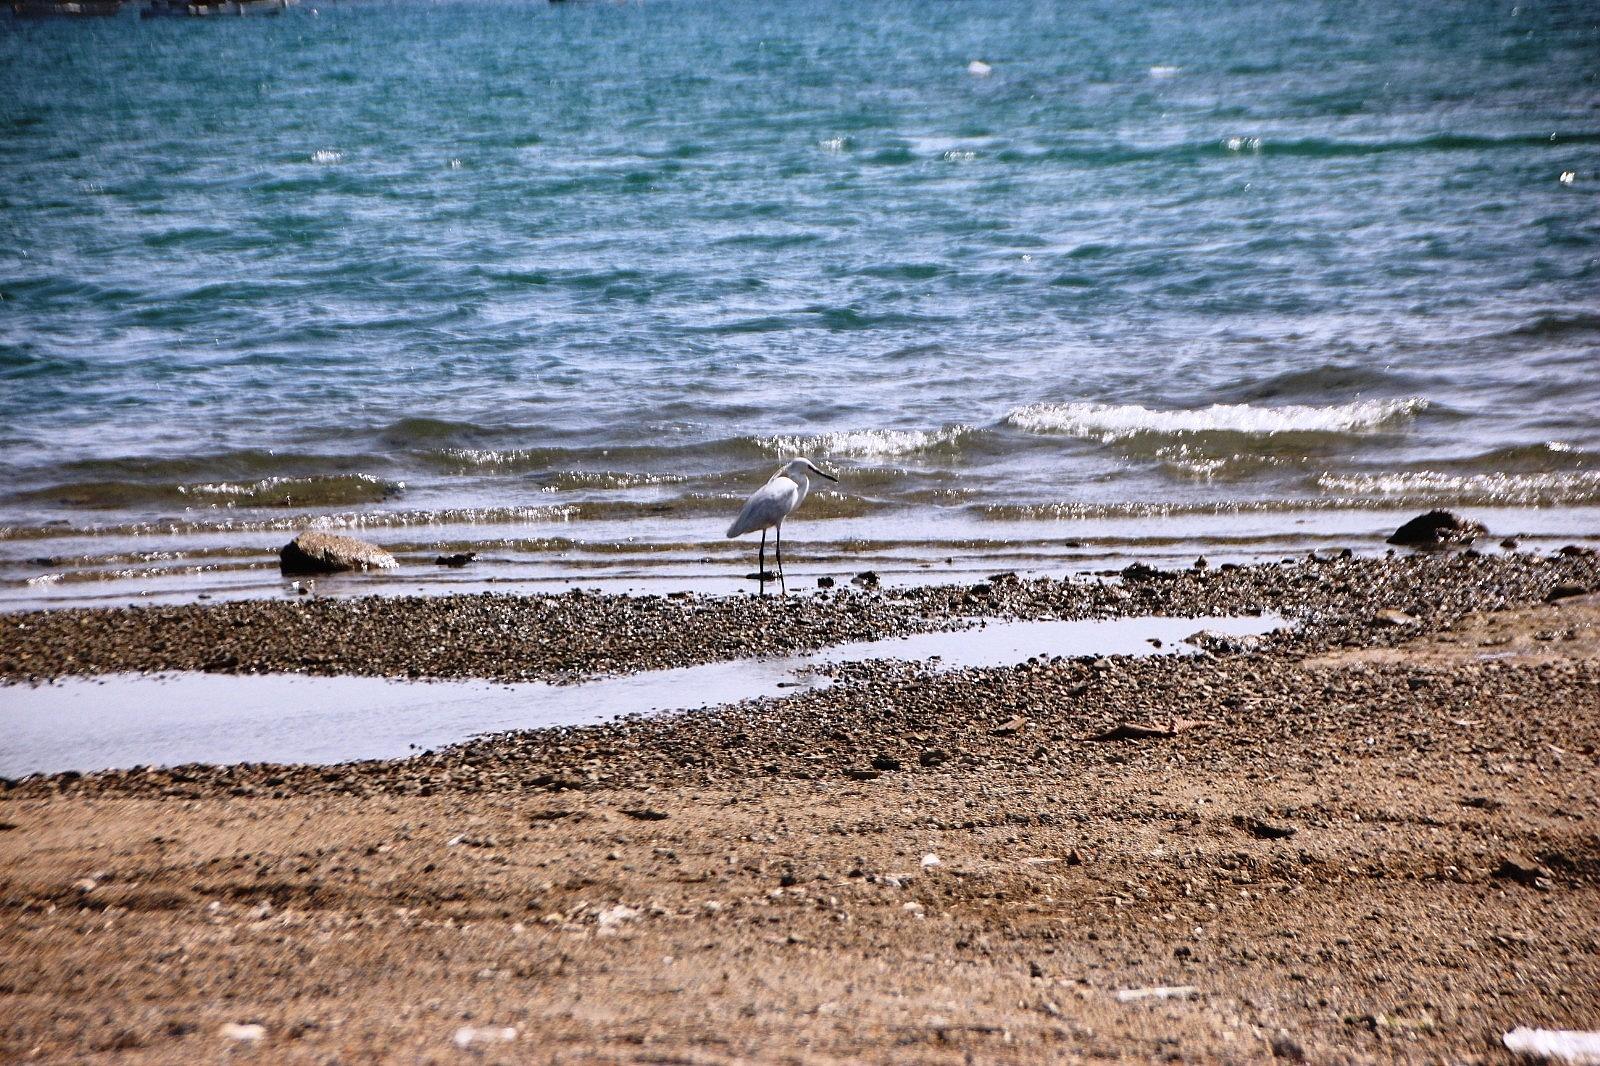 2021/05/sahiller-bos-kalinca-yaban-hayvanlari-sahillere-gelmeye-basladi-20210510AW31-2.jpg